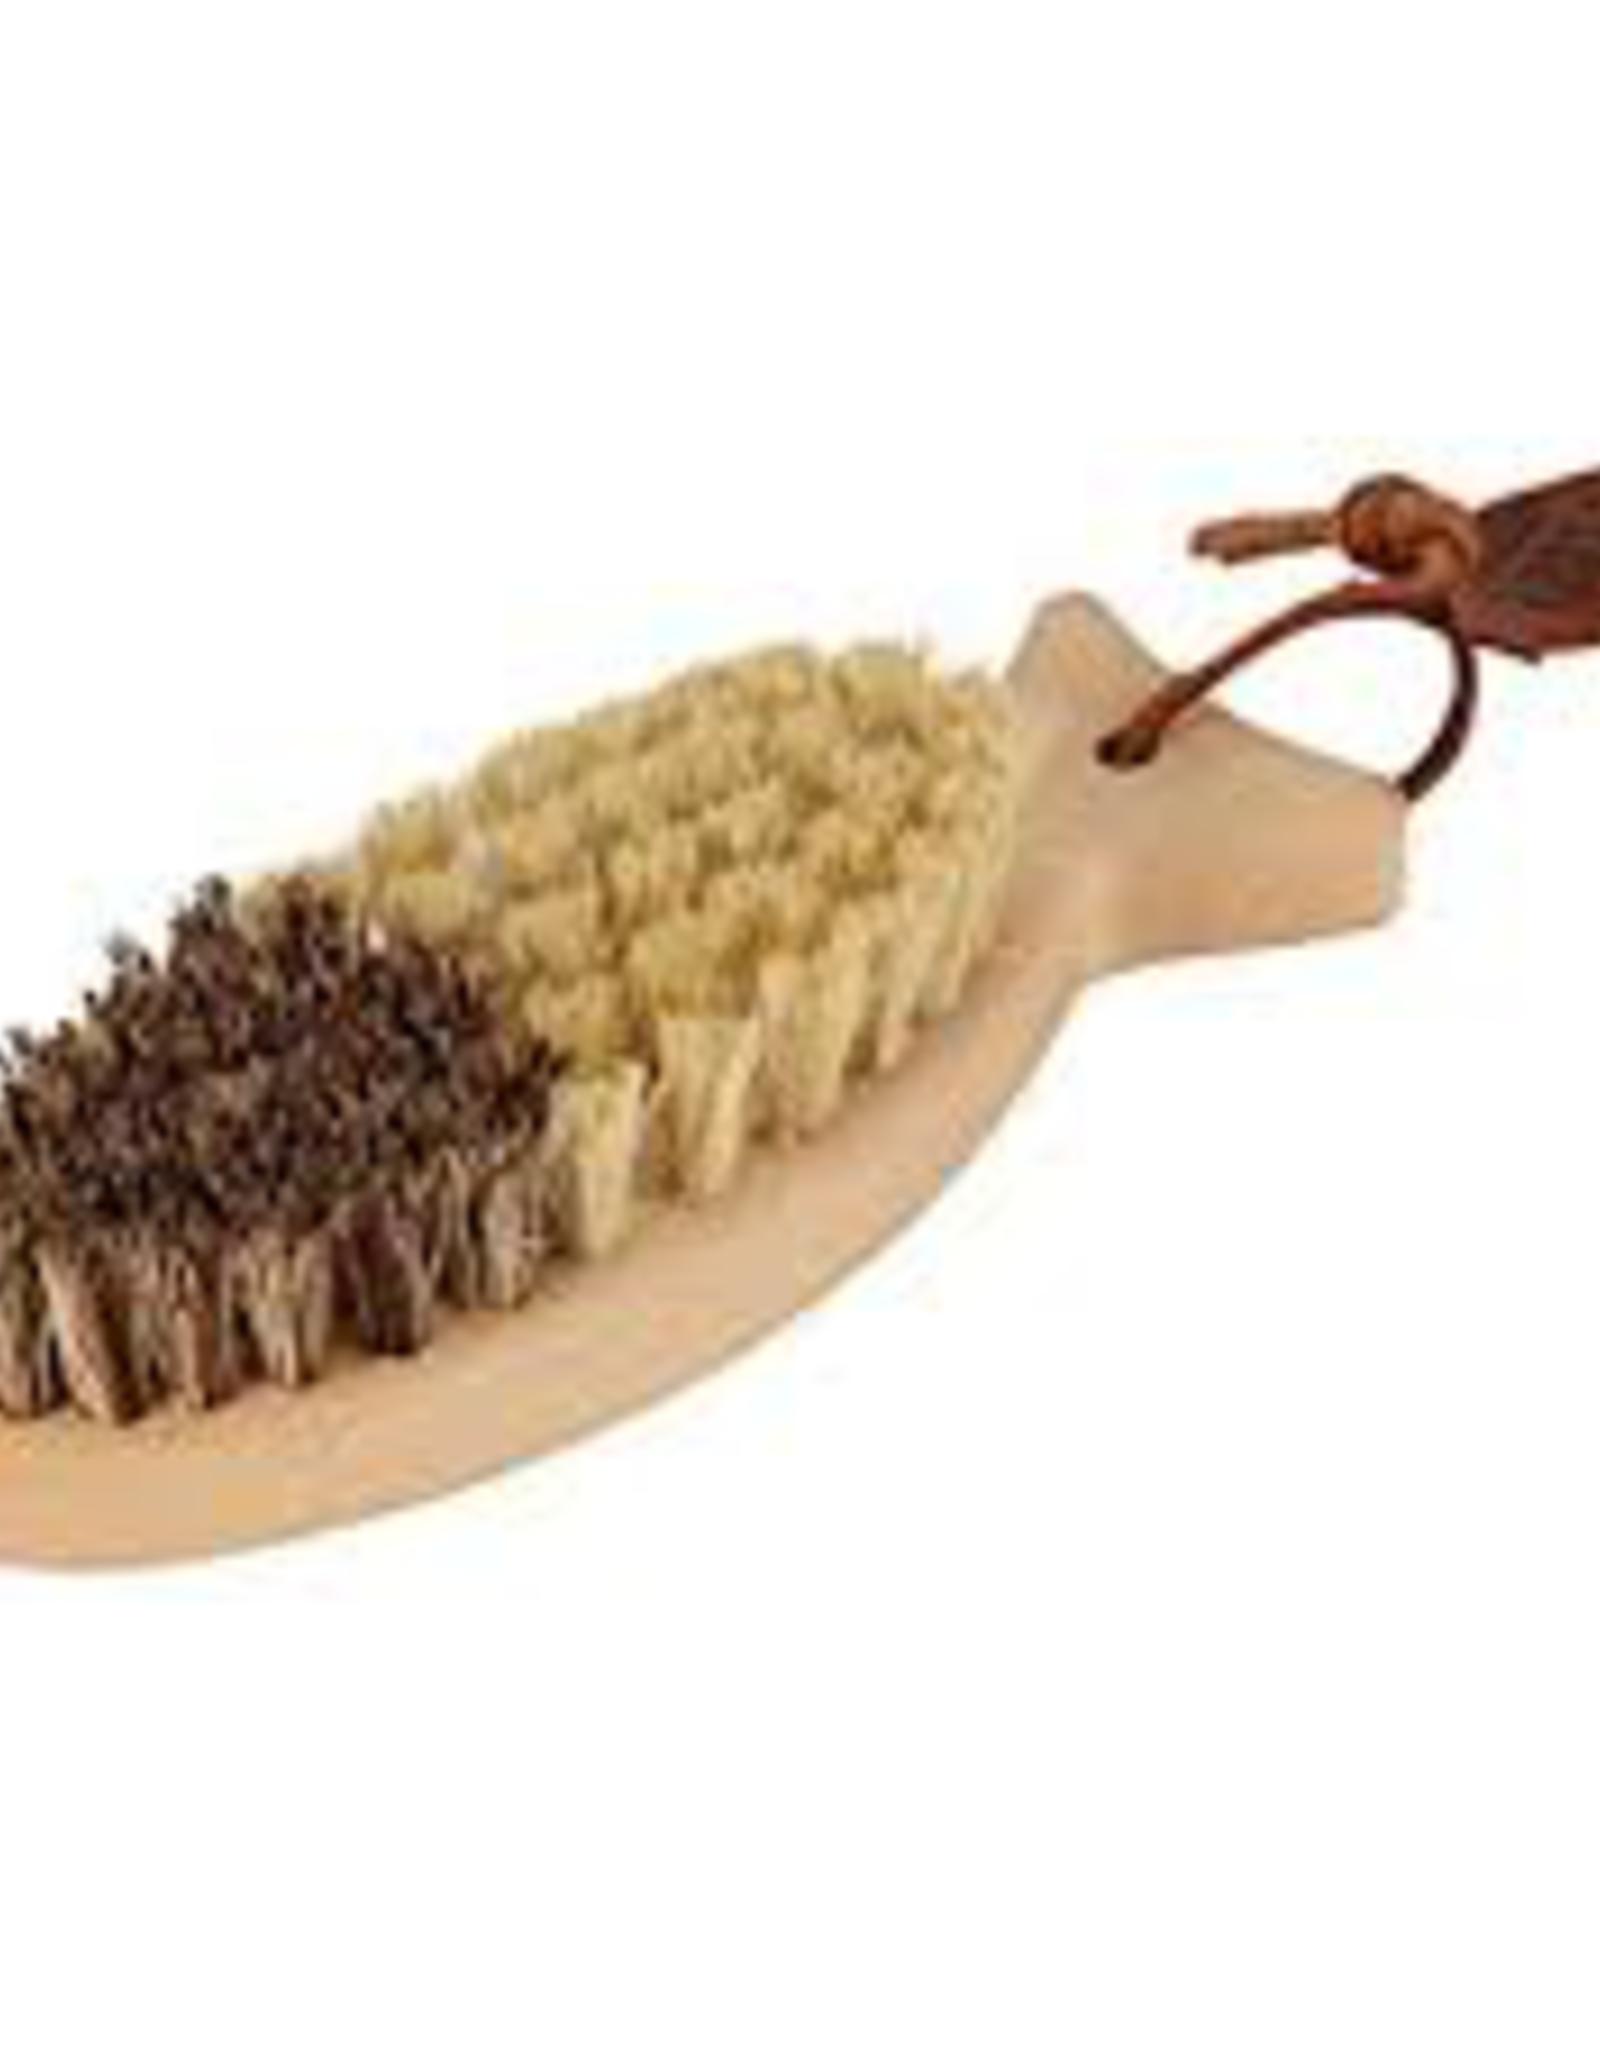 Redecker Redecker Vegetable Brush-Fish